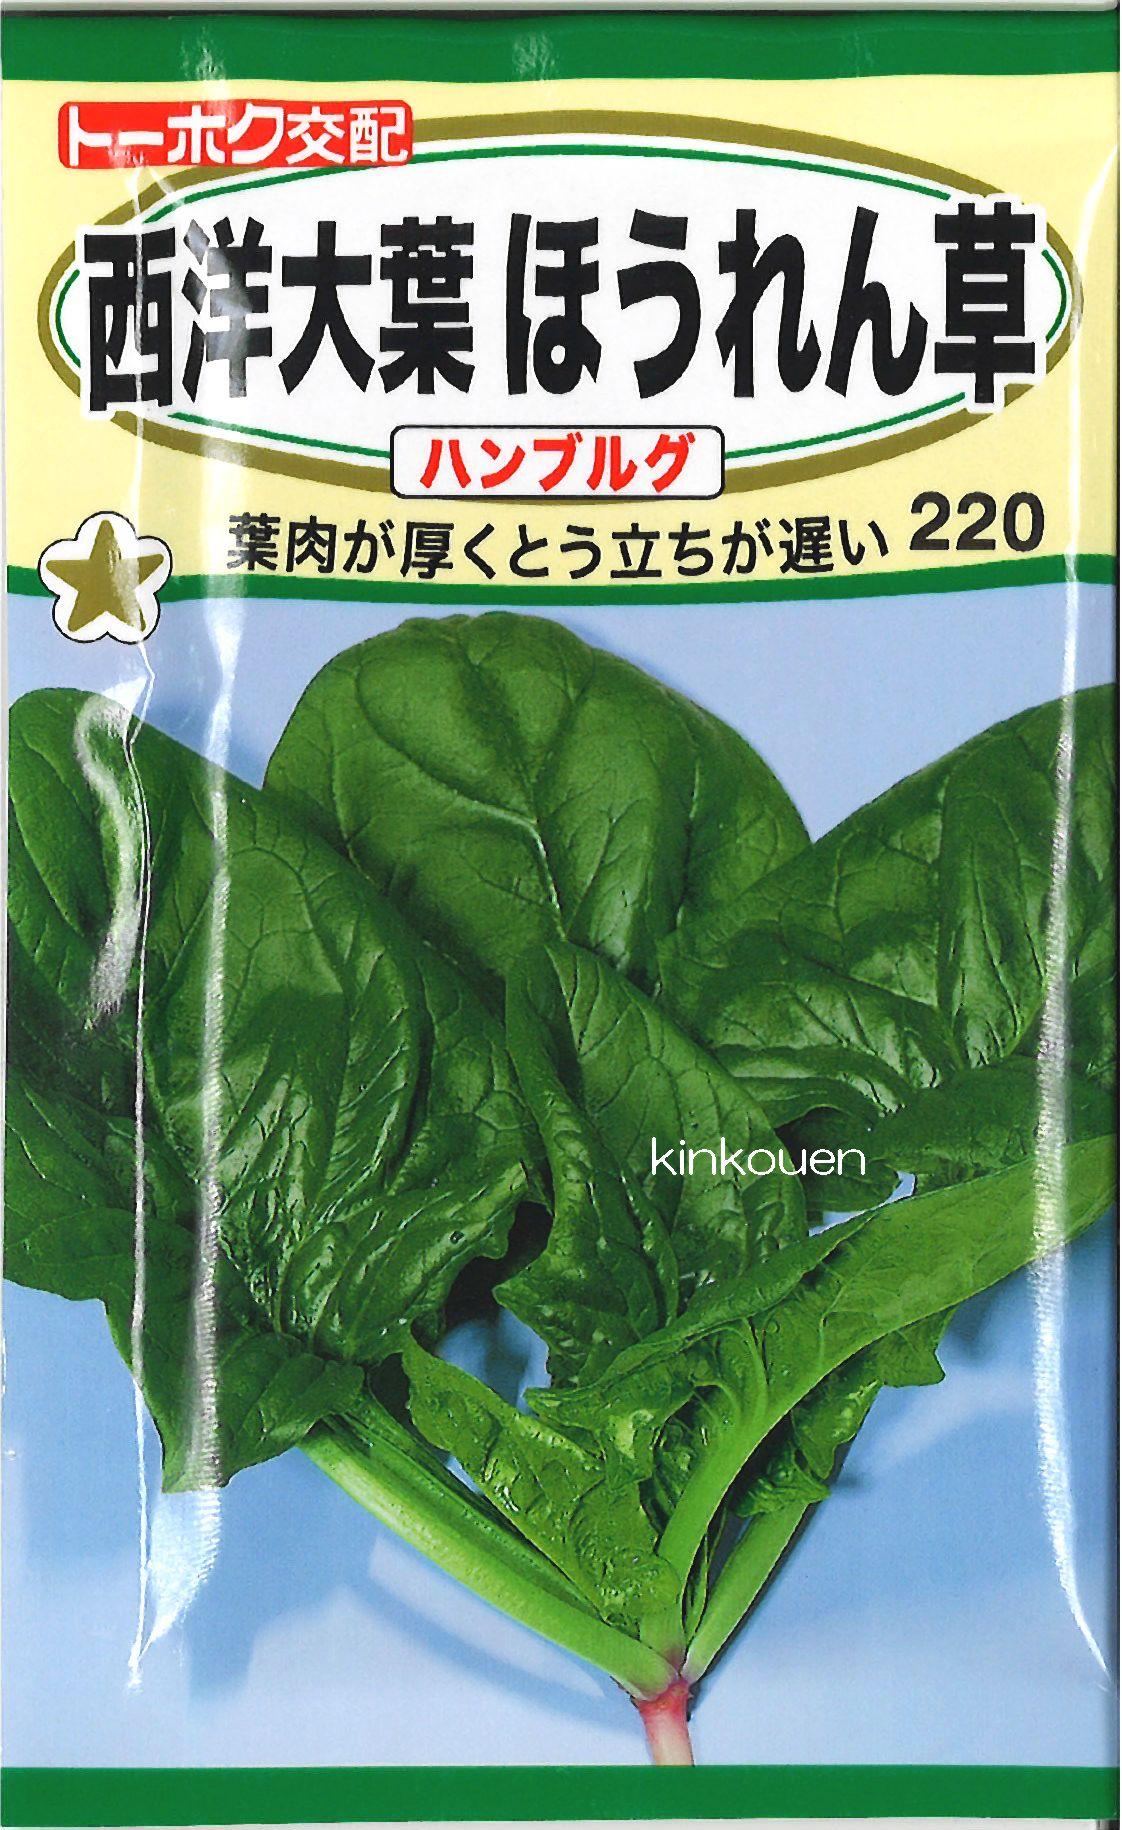 《代引不可》《5袋まで送料80円》 □西洋大葉ほうれん草ハンブルグ